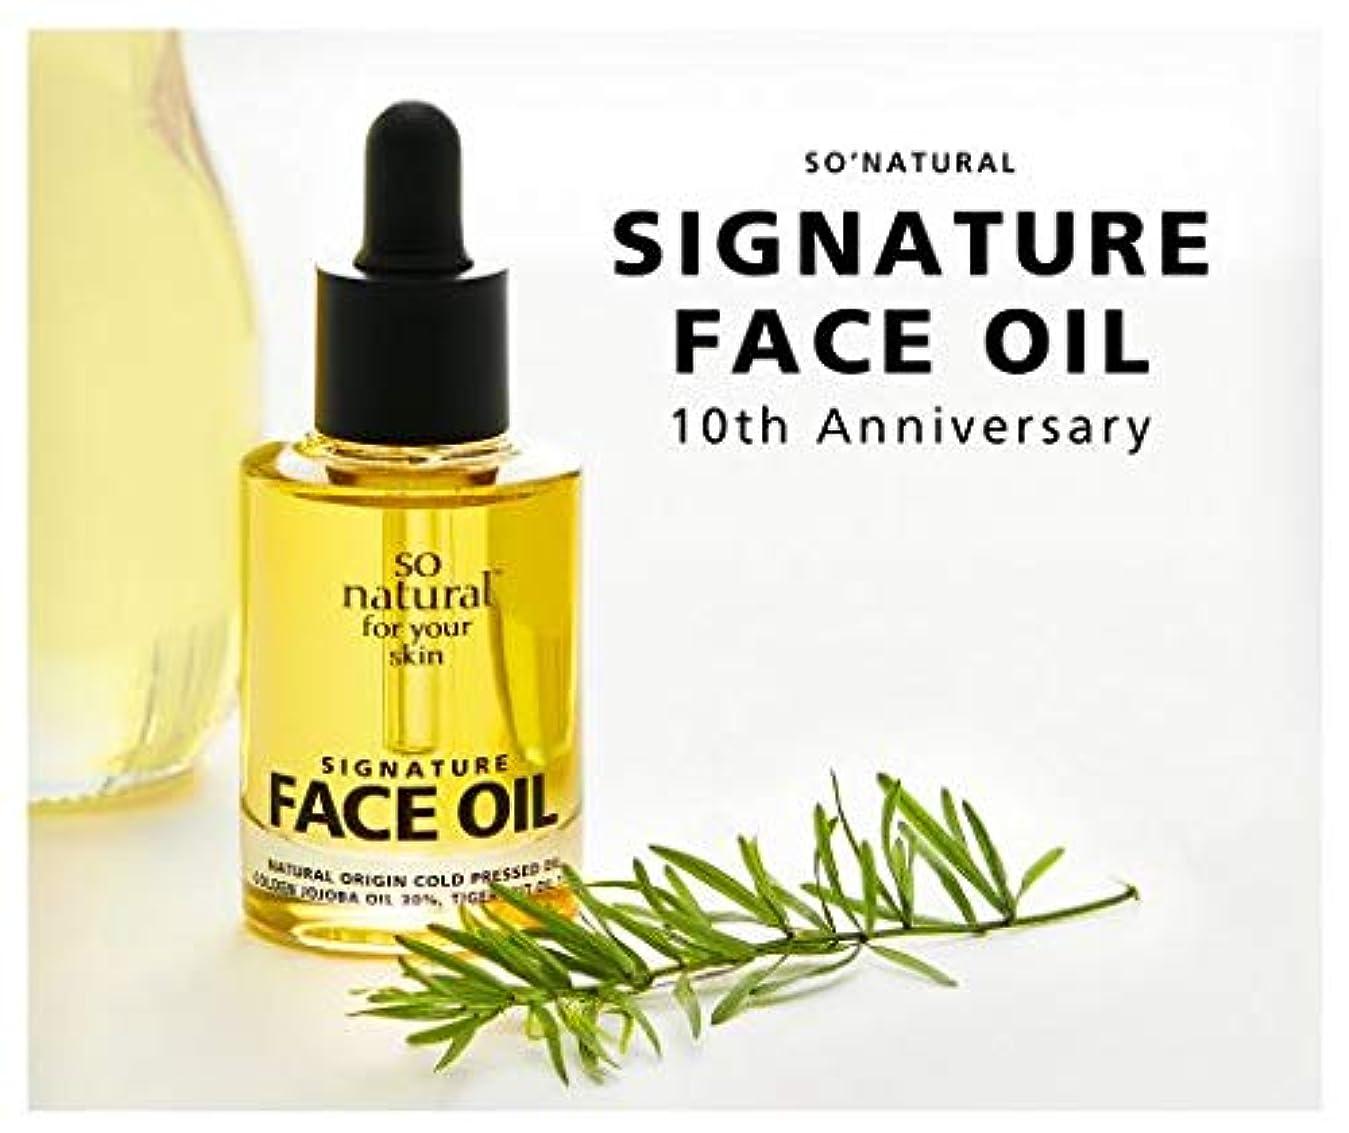 ペダル和虫SO'NATURAL Signature Face Oil 30ml /シグネチャフェイスオイル 30ml [並行輸入品]